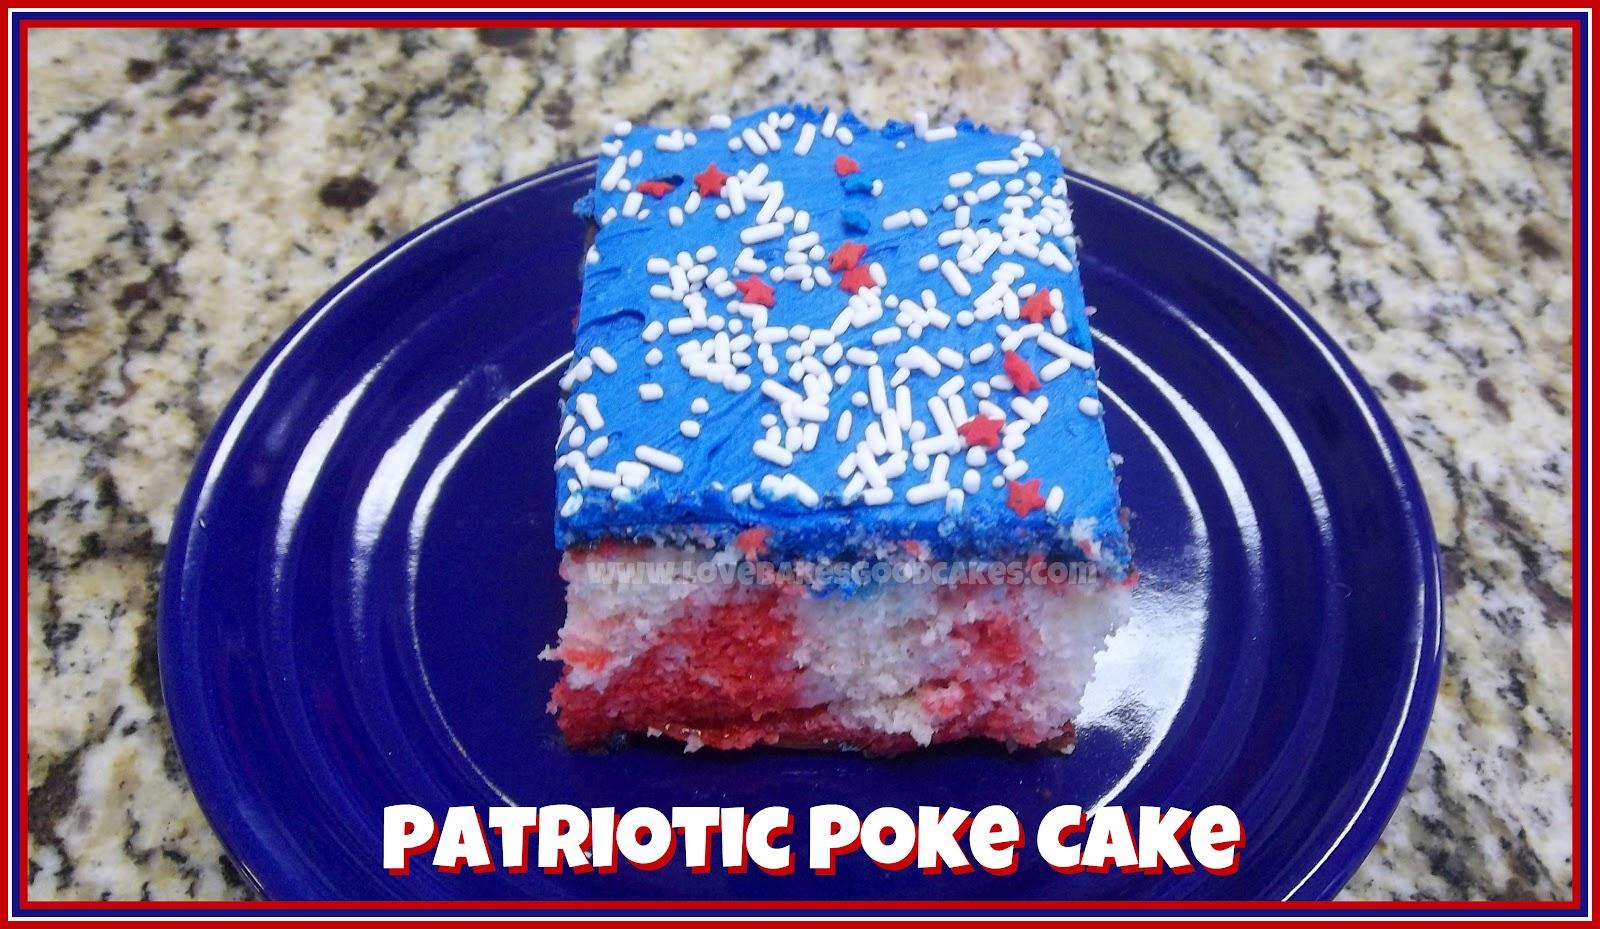 Patriotic Poke Cake Love Bakes Good Cakes